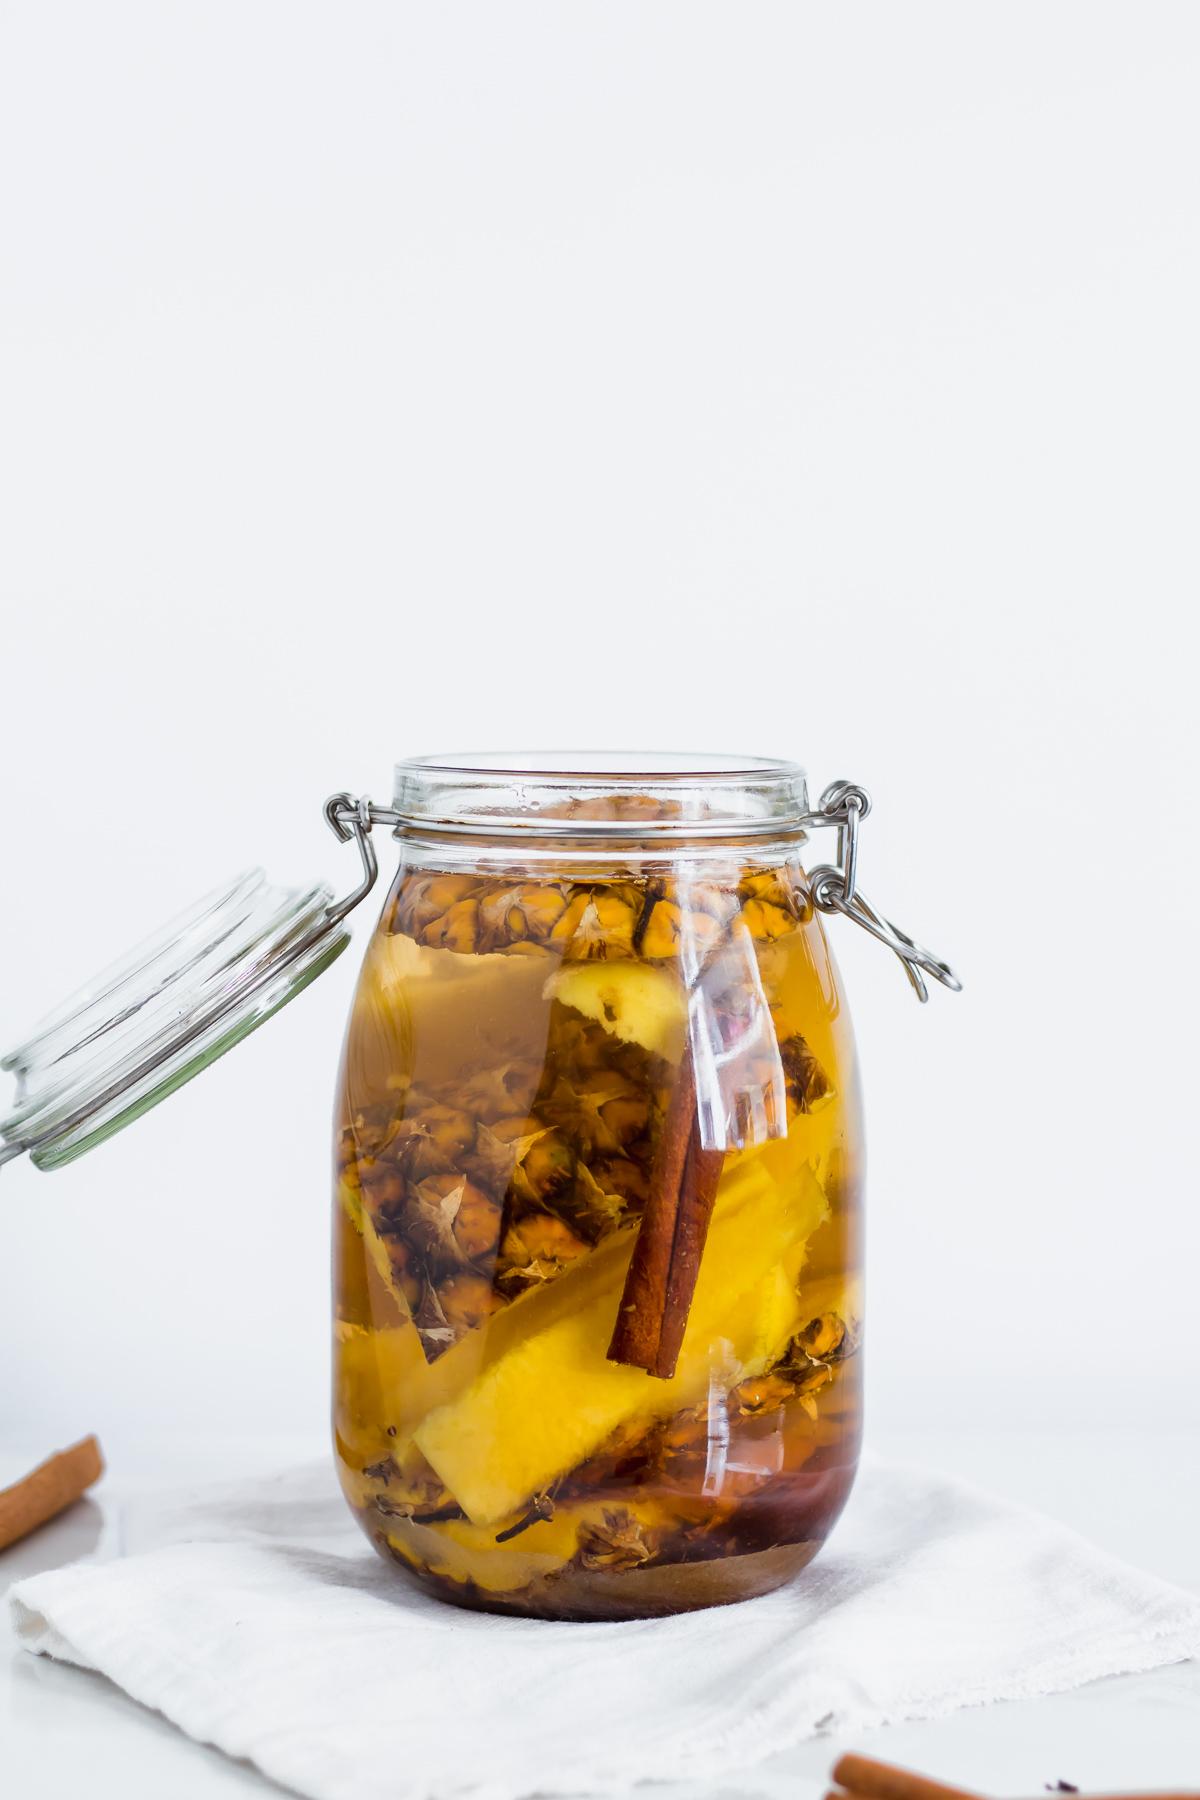 tepache in a glass jar